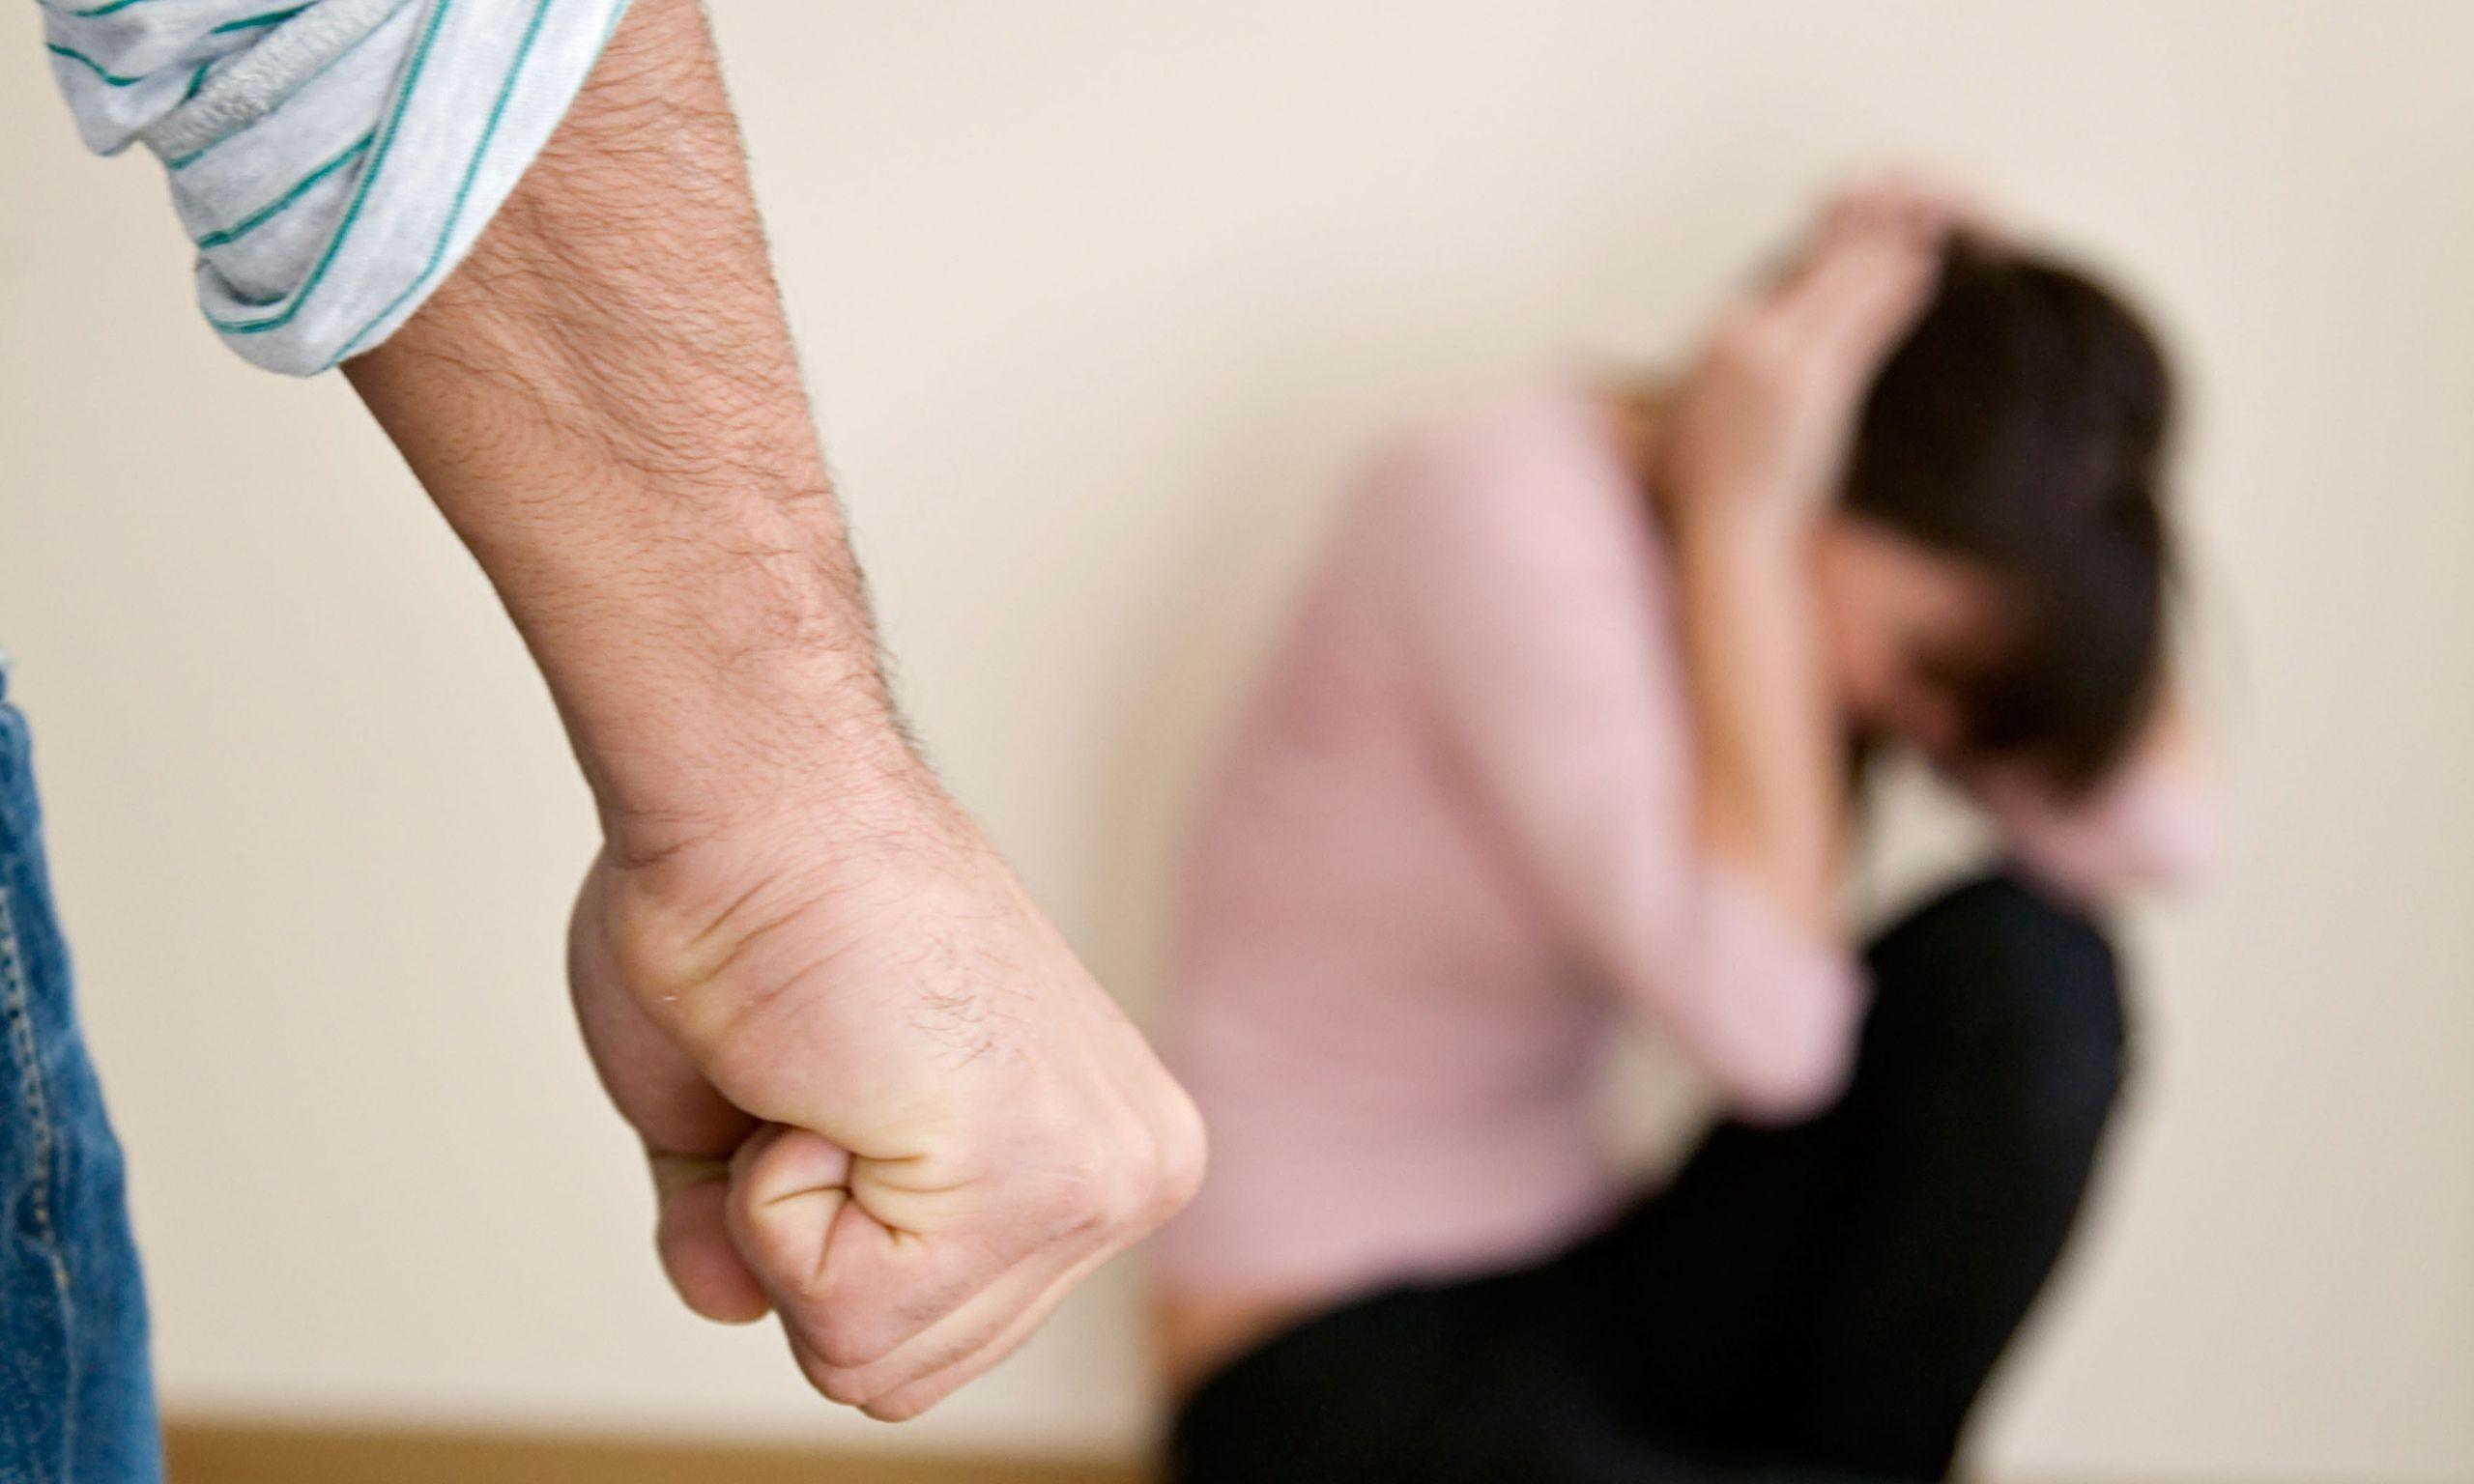 không sinh được con trai bị chồng đánh đập